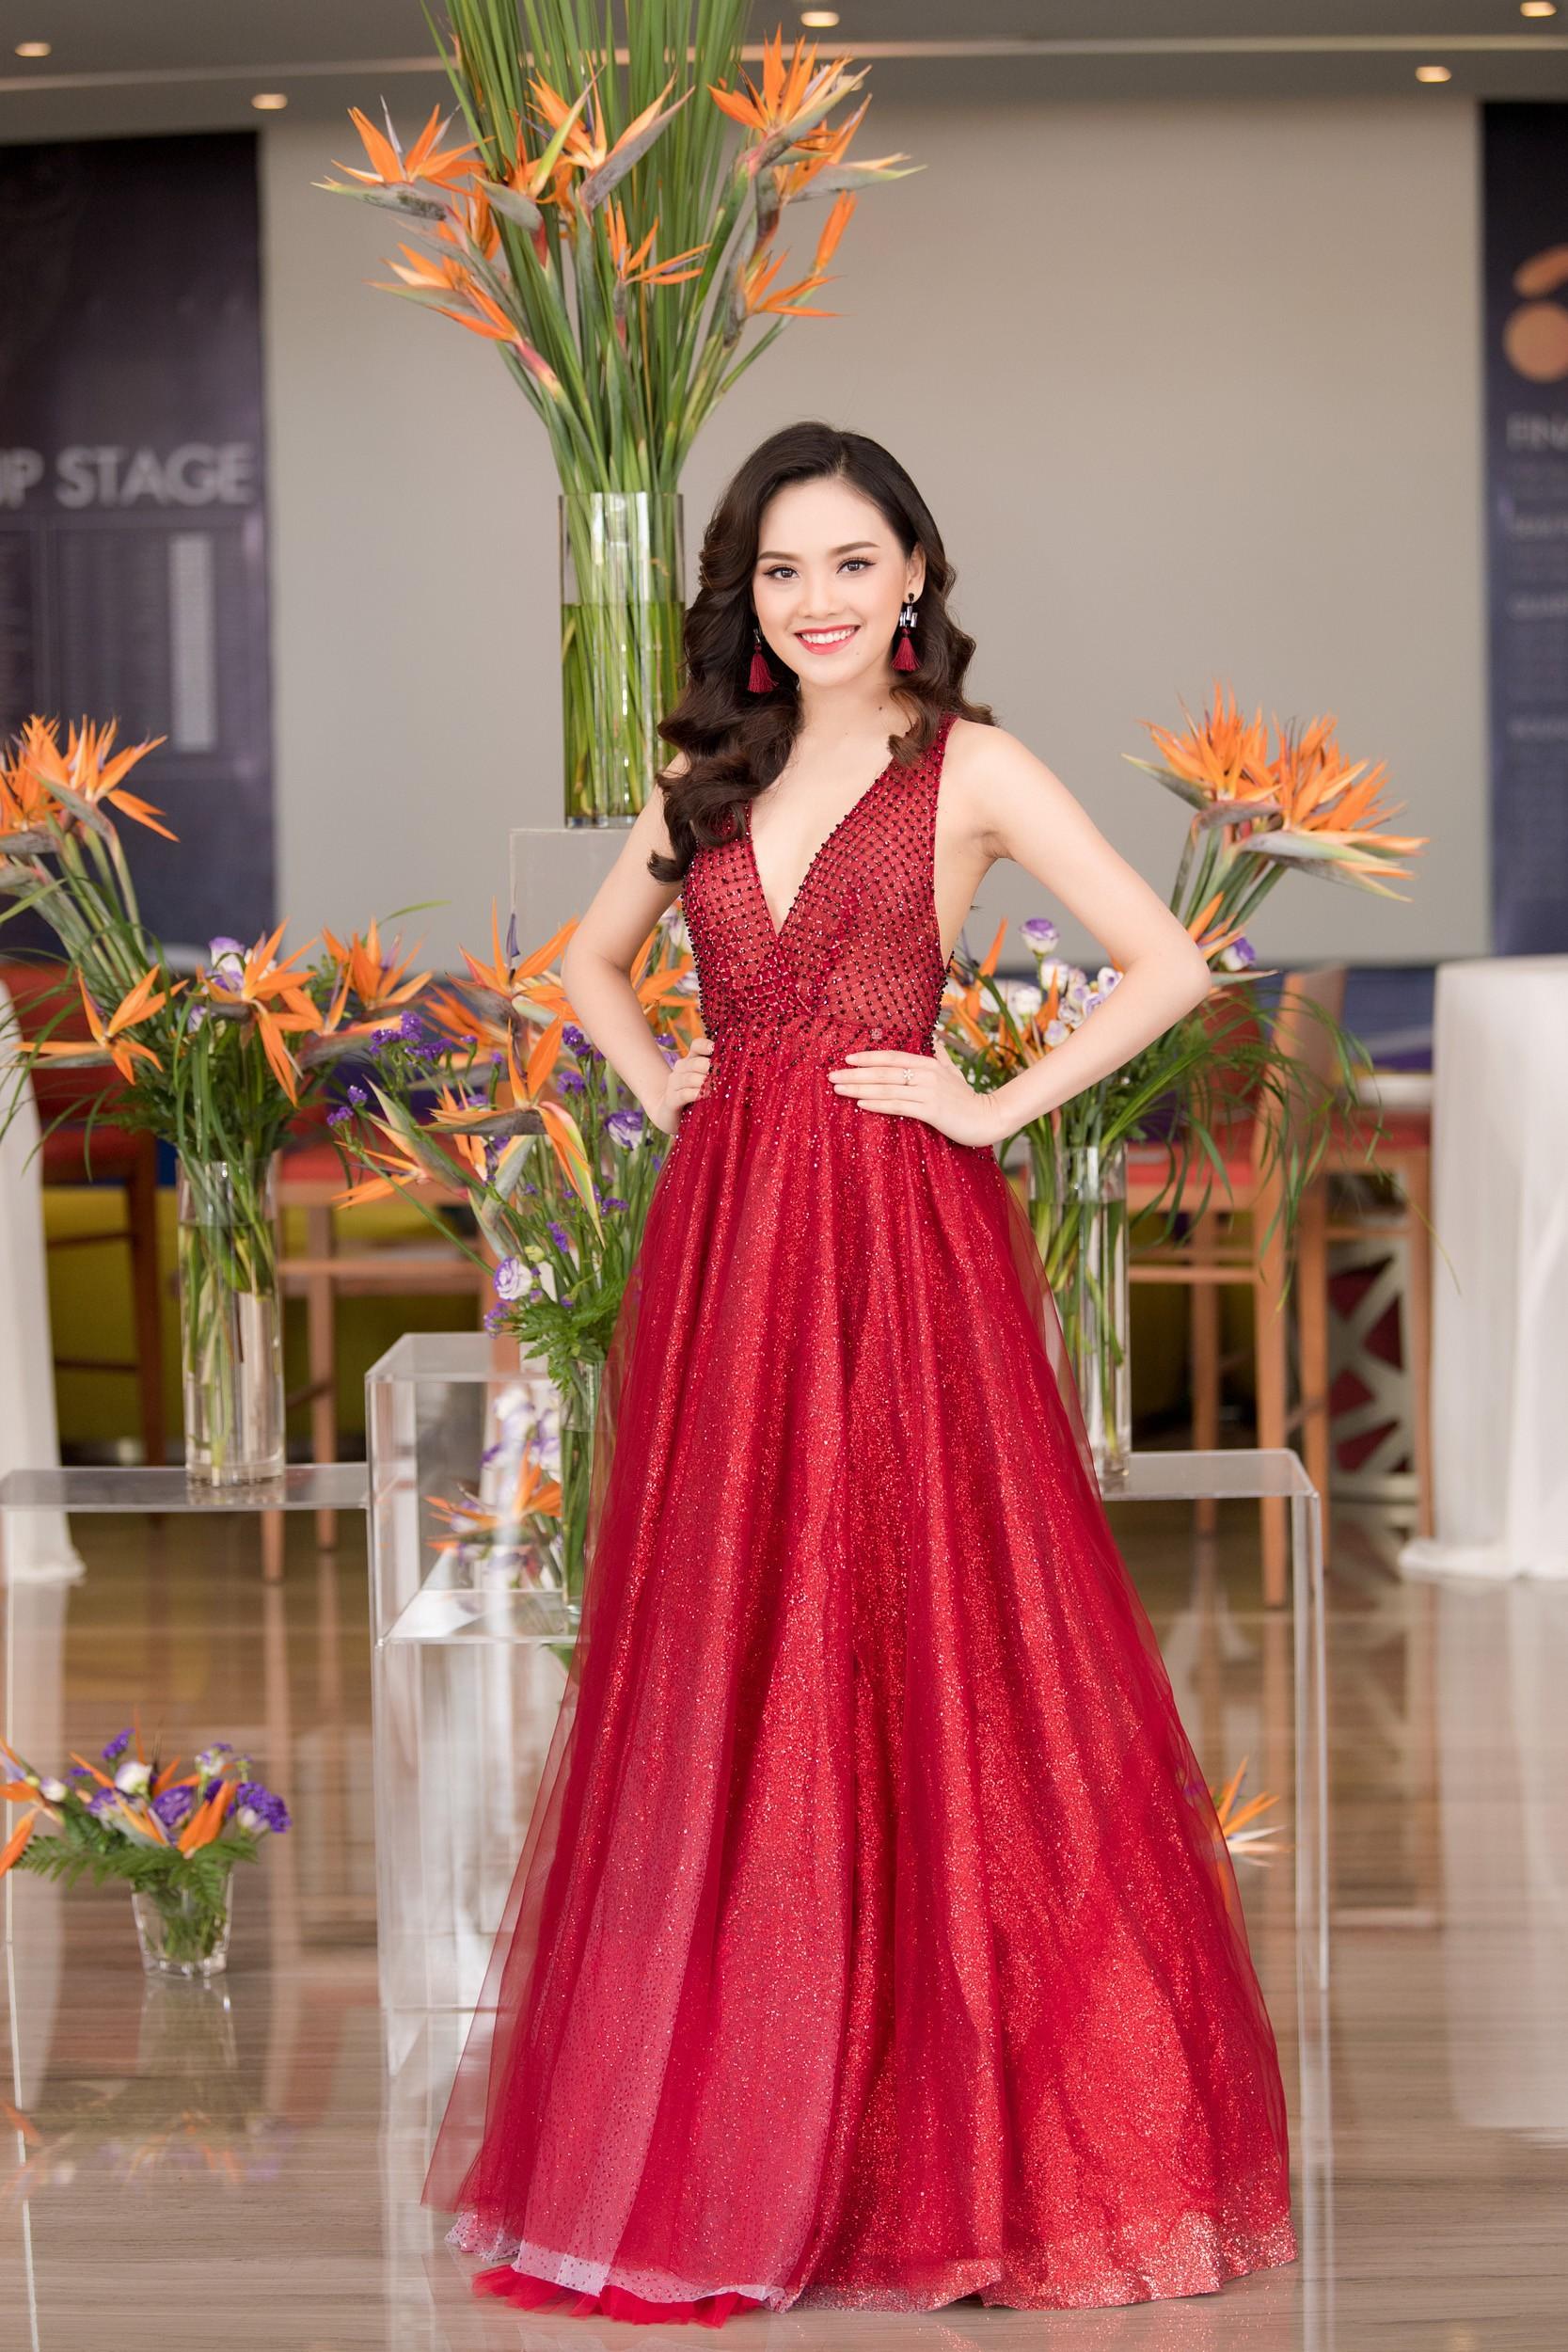 Hoa hậu Việt Nam 2018 mời bác sĩ nha khoa, nhân trắc học nhiều lần tránh để lọt thí sinh phẫu thuật thẩm mỹ - Ảnh 8.